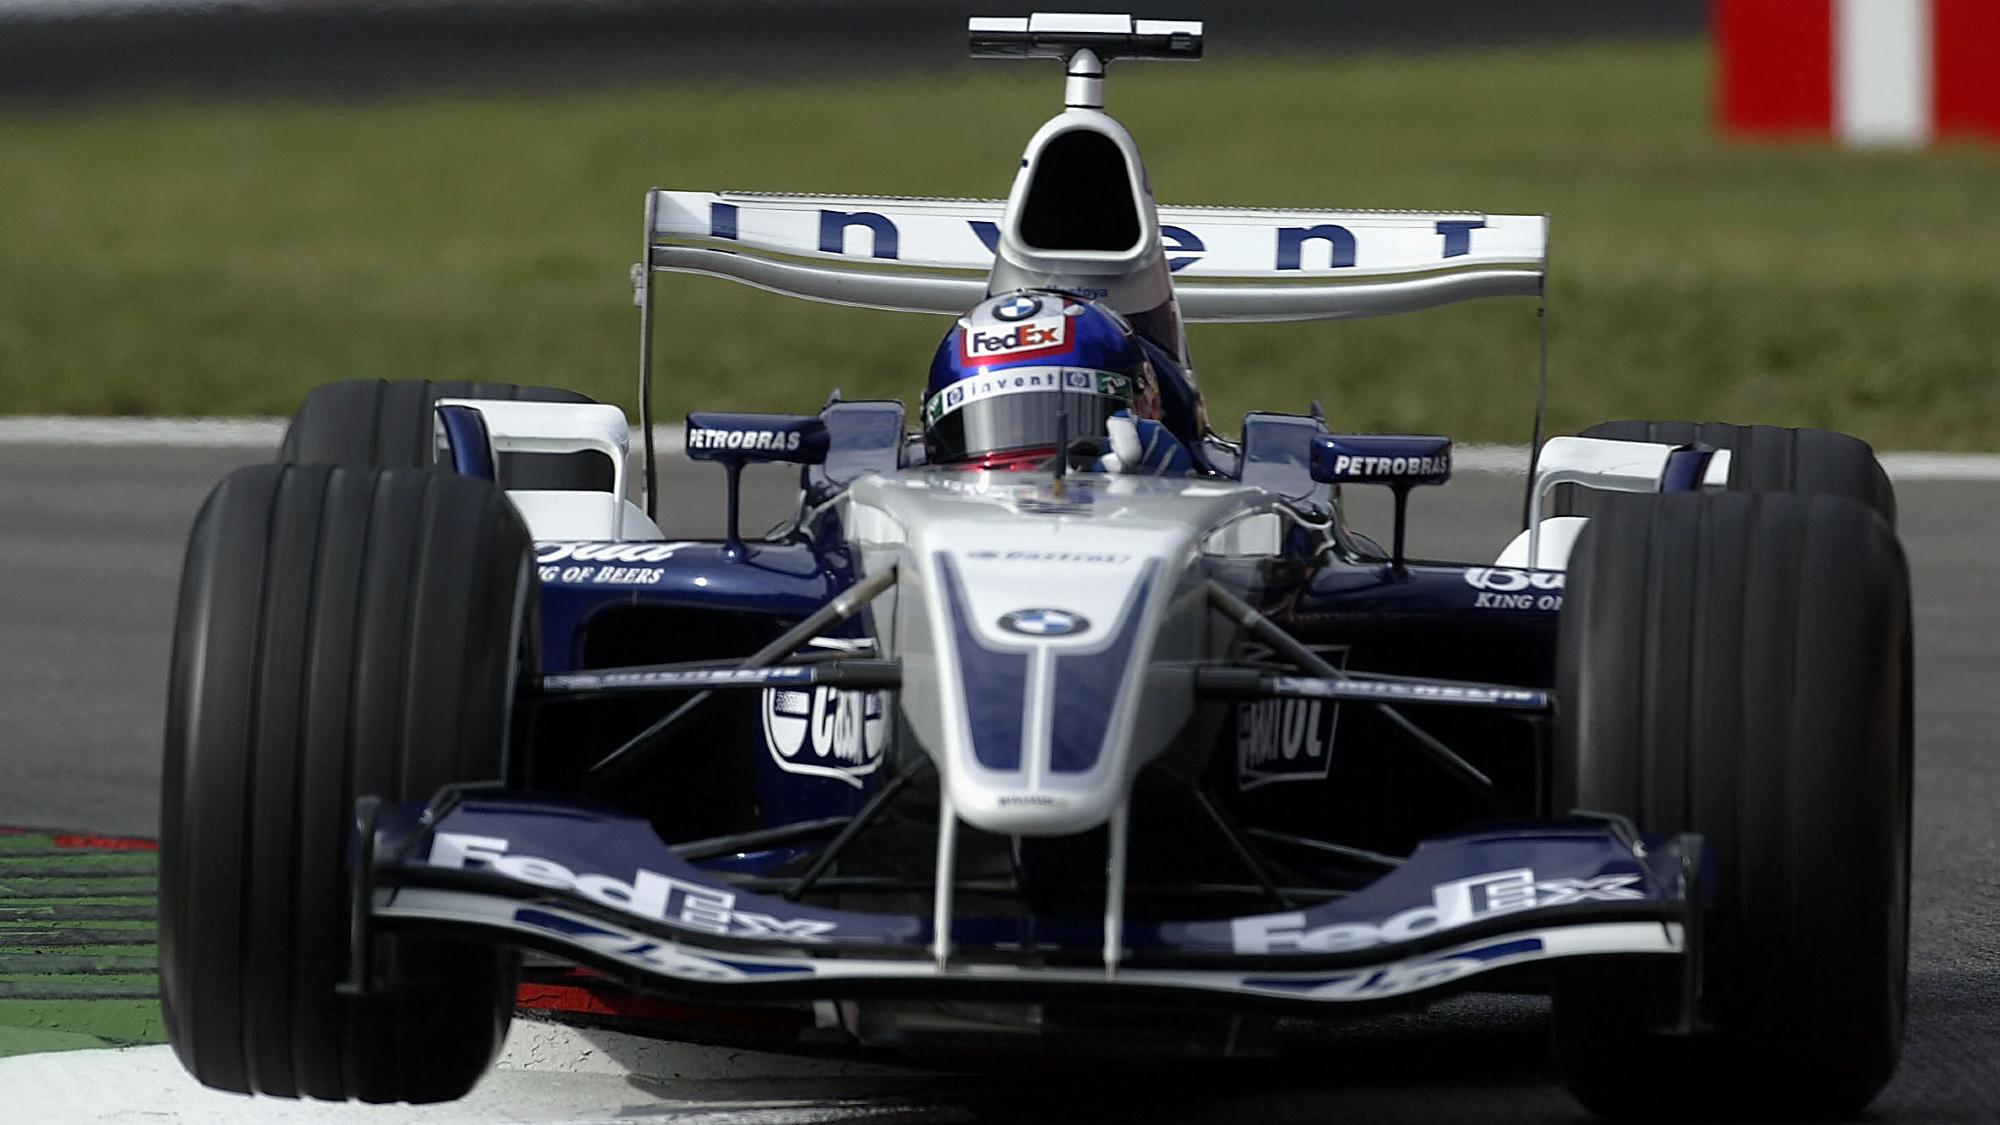 Juan Pablo Montoya, 2003 Italian GP